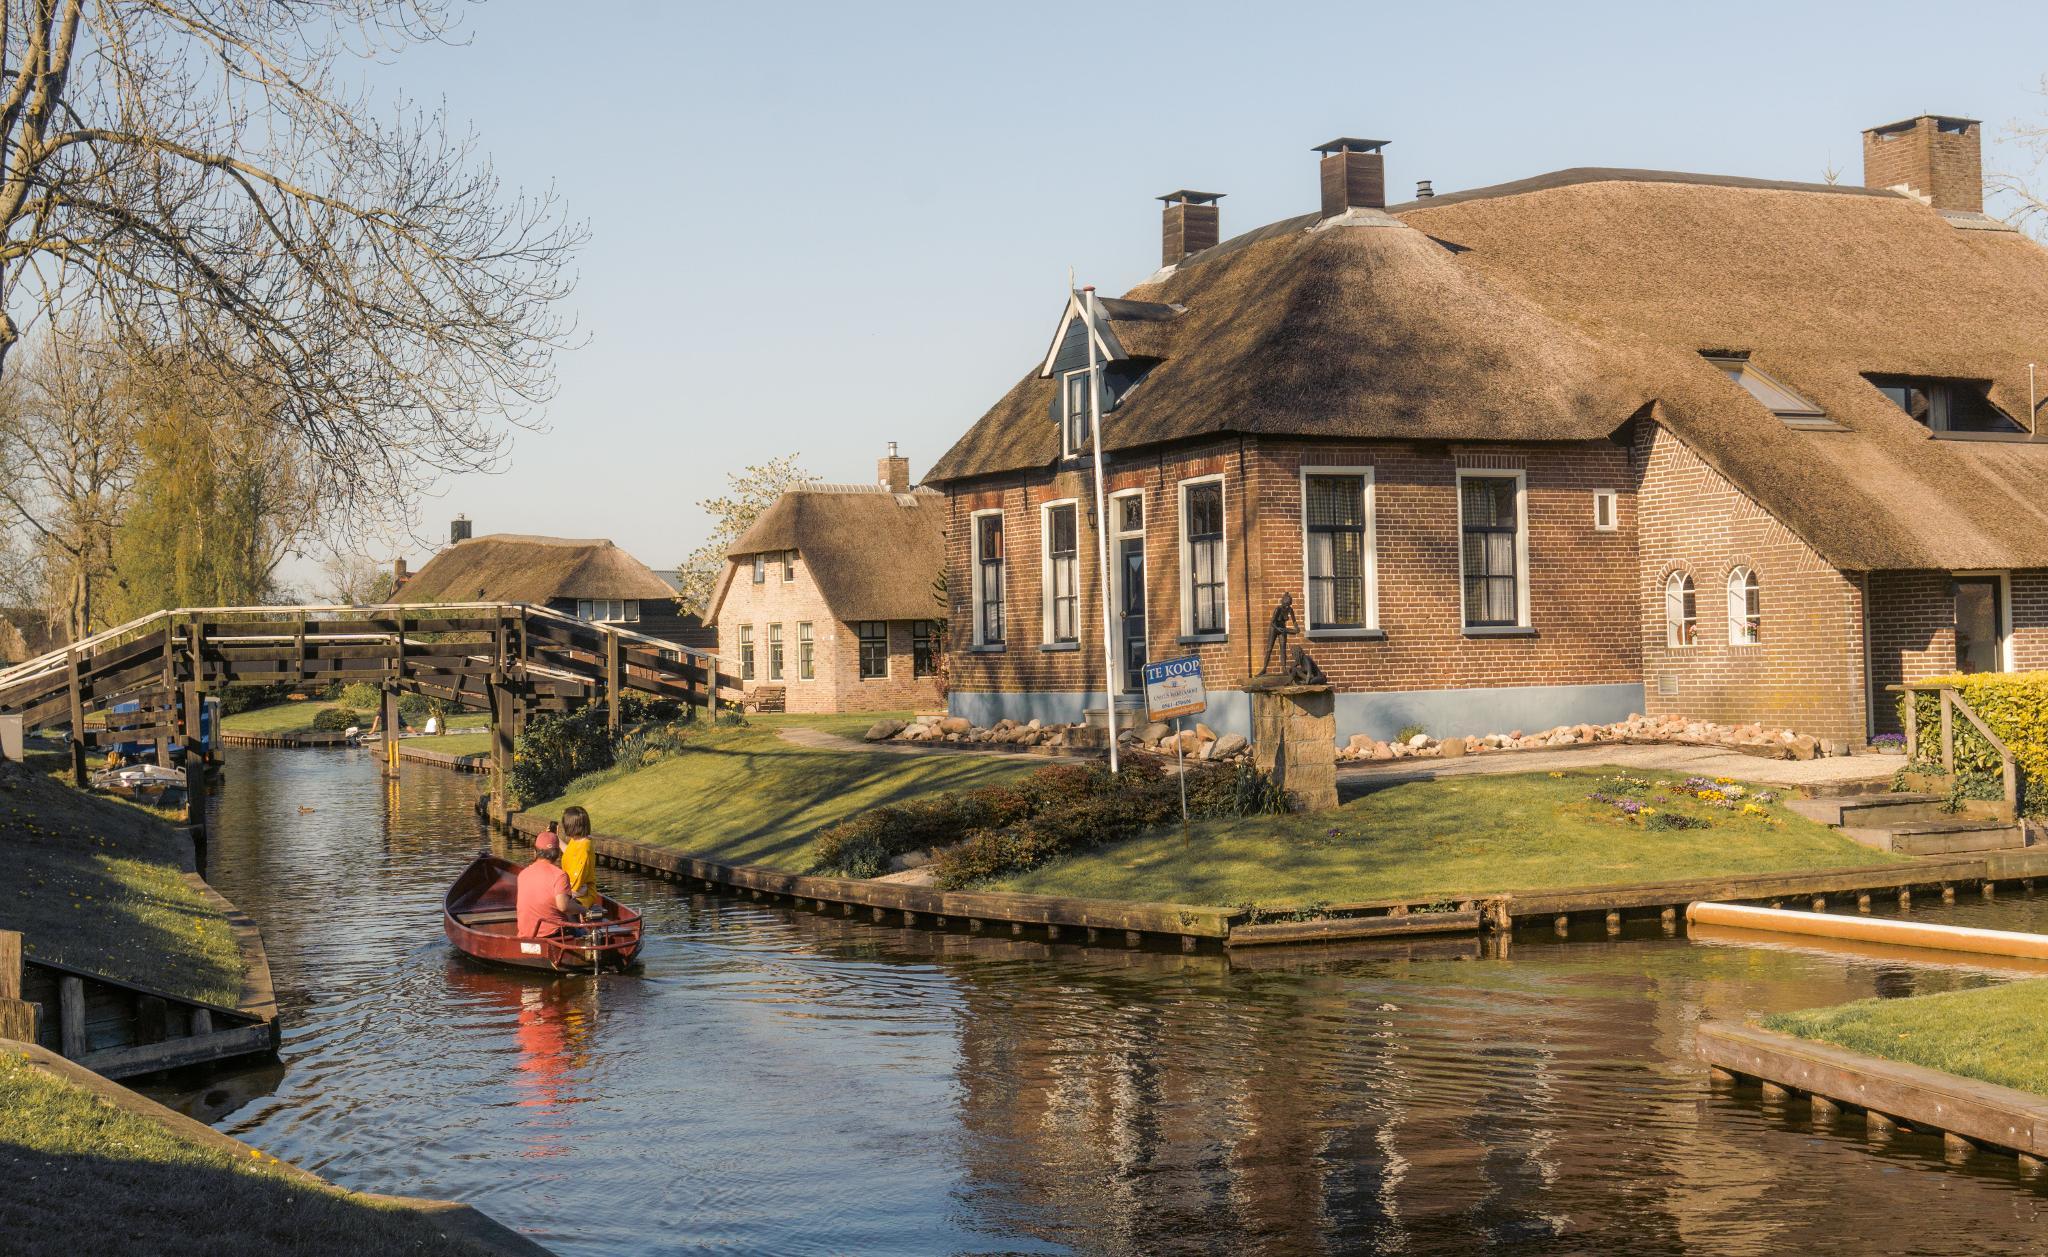 【荷蘭印象】羊角村 Giethoorn — 上帝遺落人間的世外桃源 52